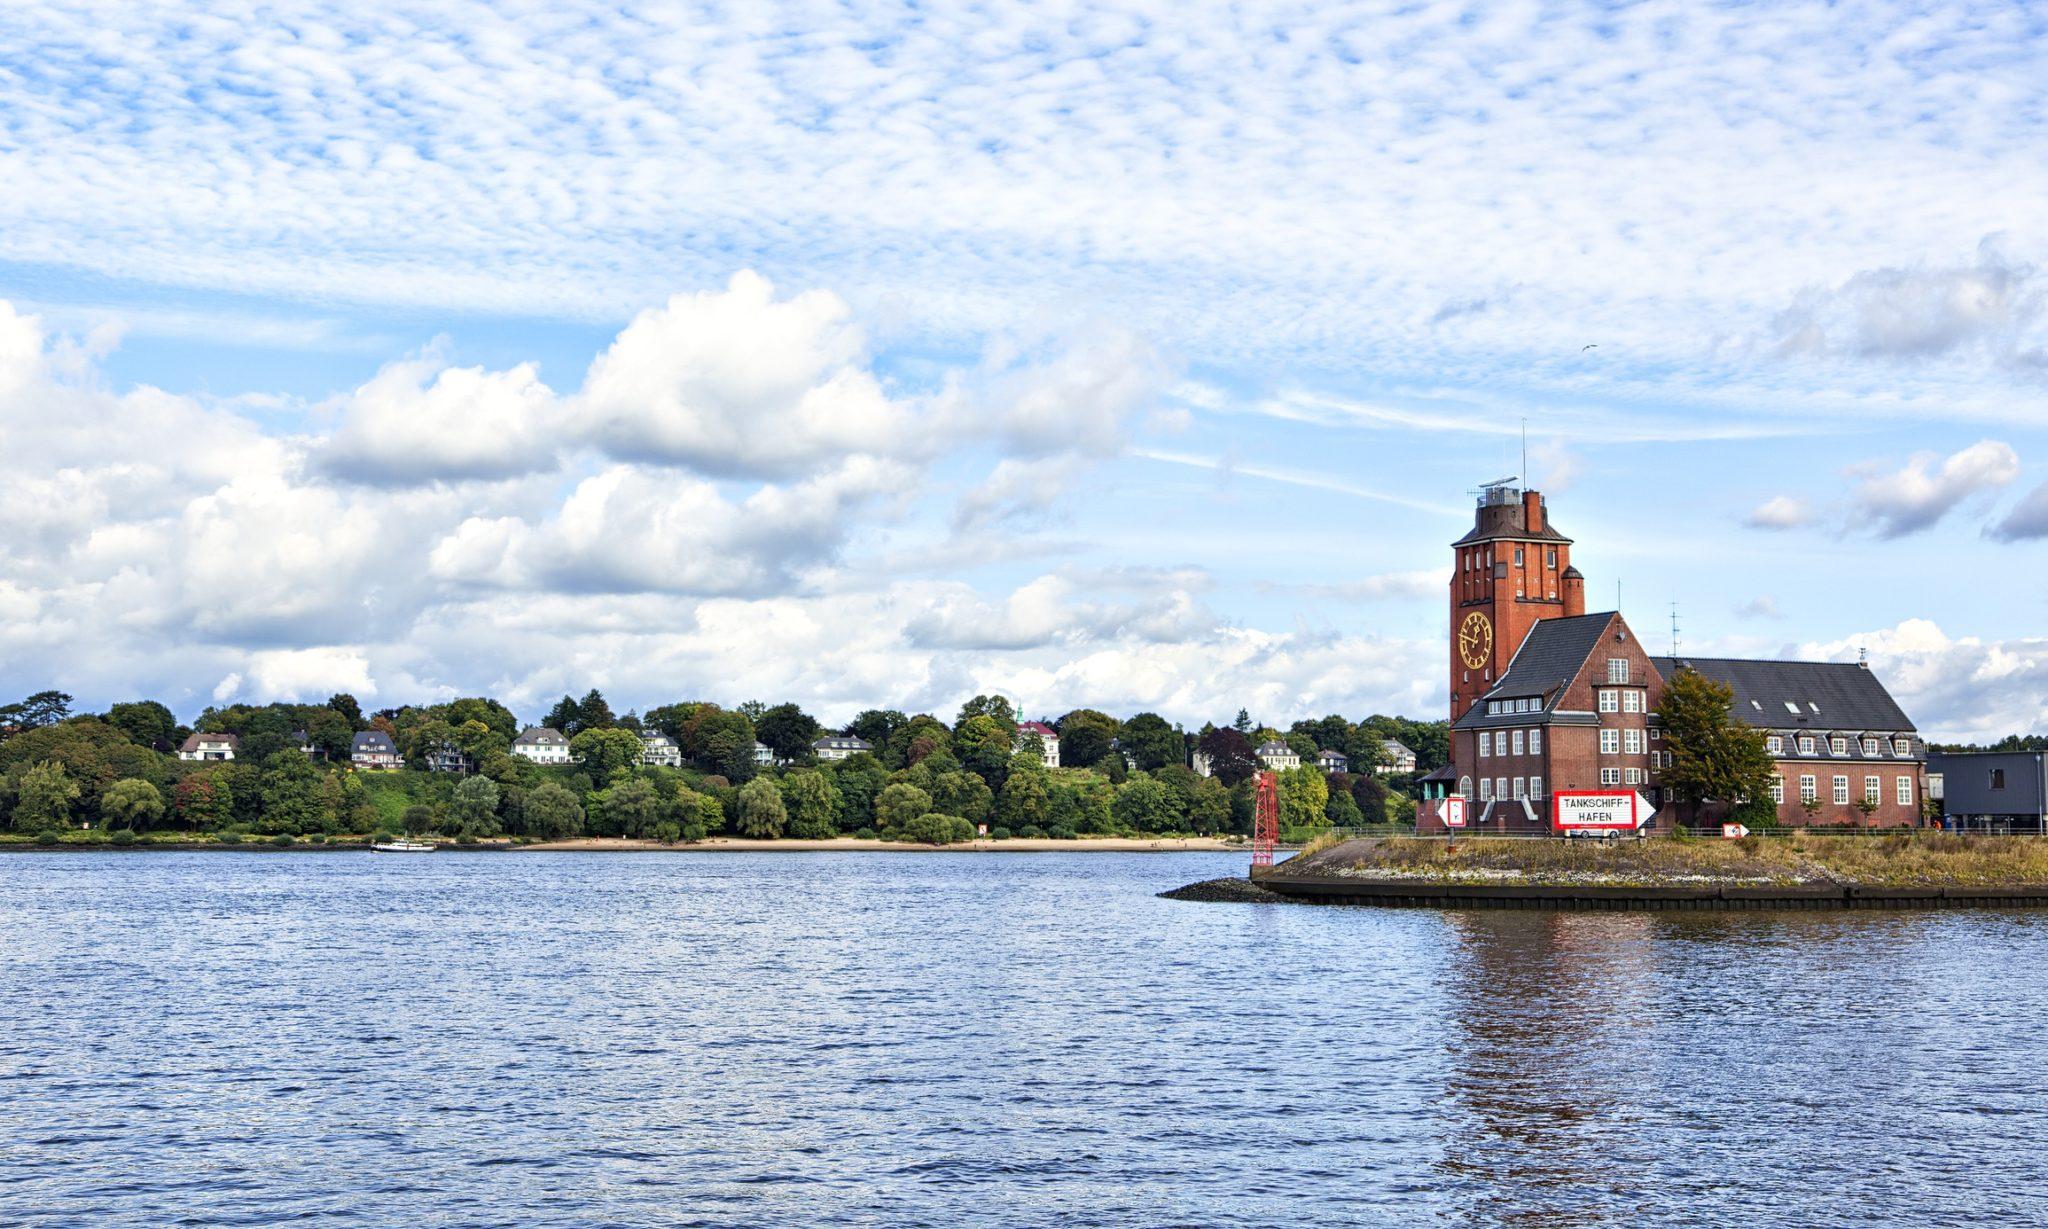 Haushaltsauflösung und Entrümpelung in Hamburg Othmarschen